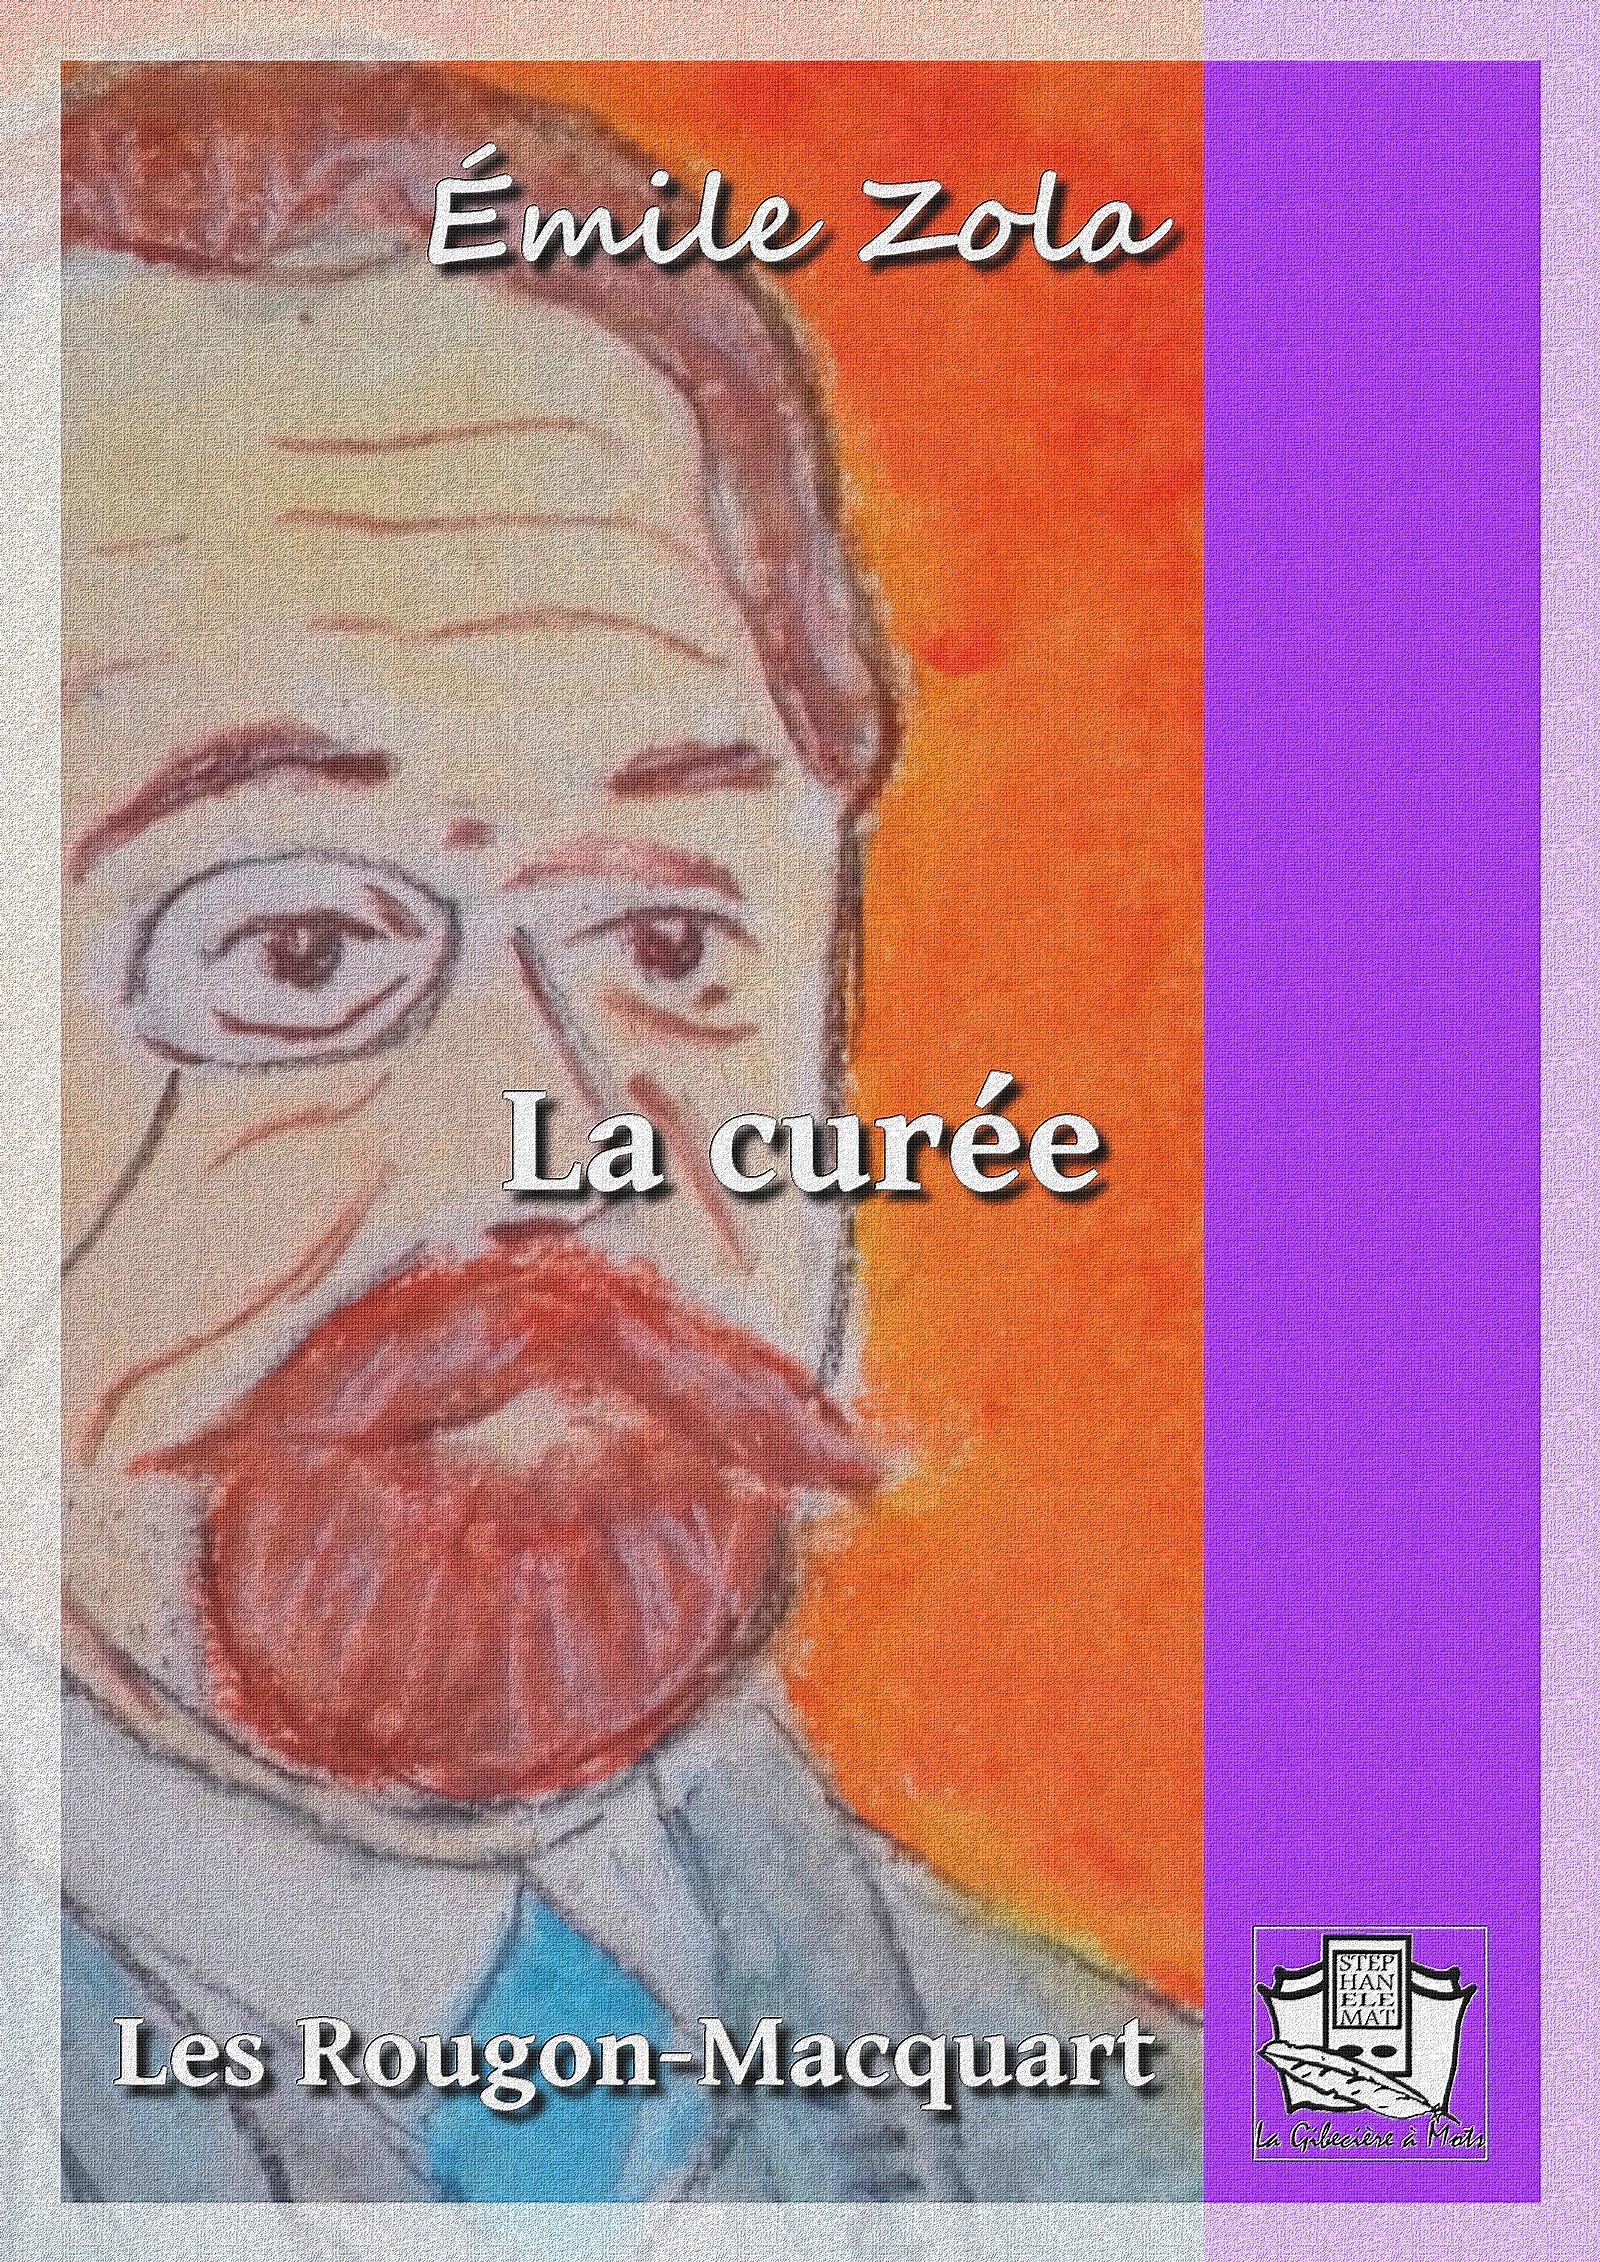 La curée, LES ROUGON MACQUART 2/20